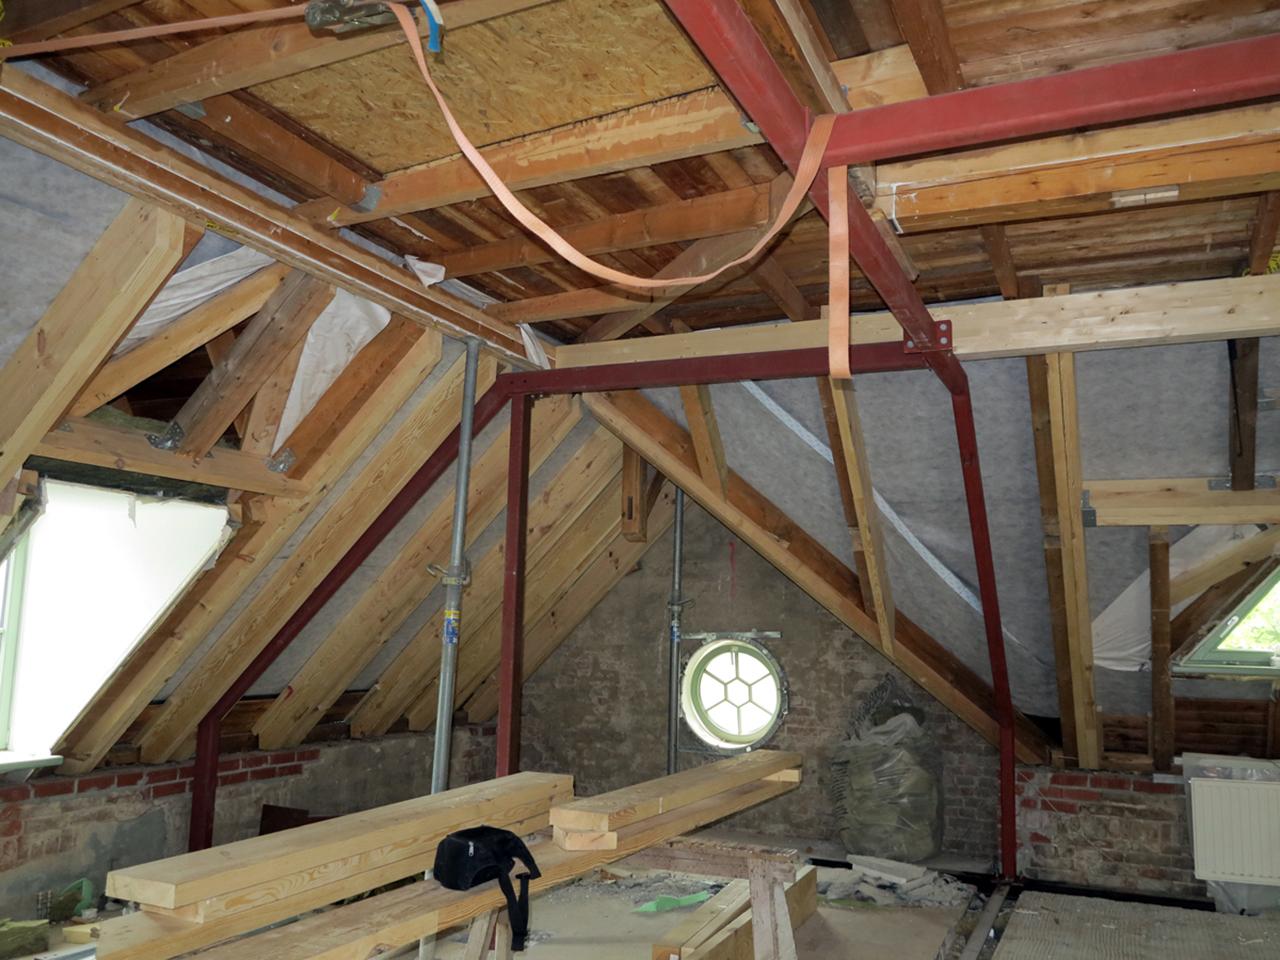 Stahlrahmenkonstruktion zur Unterstützung der Dachtragkonstruktion ...